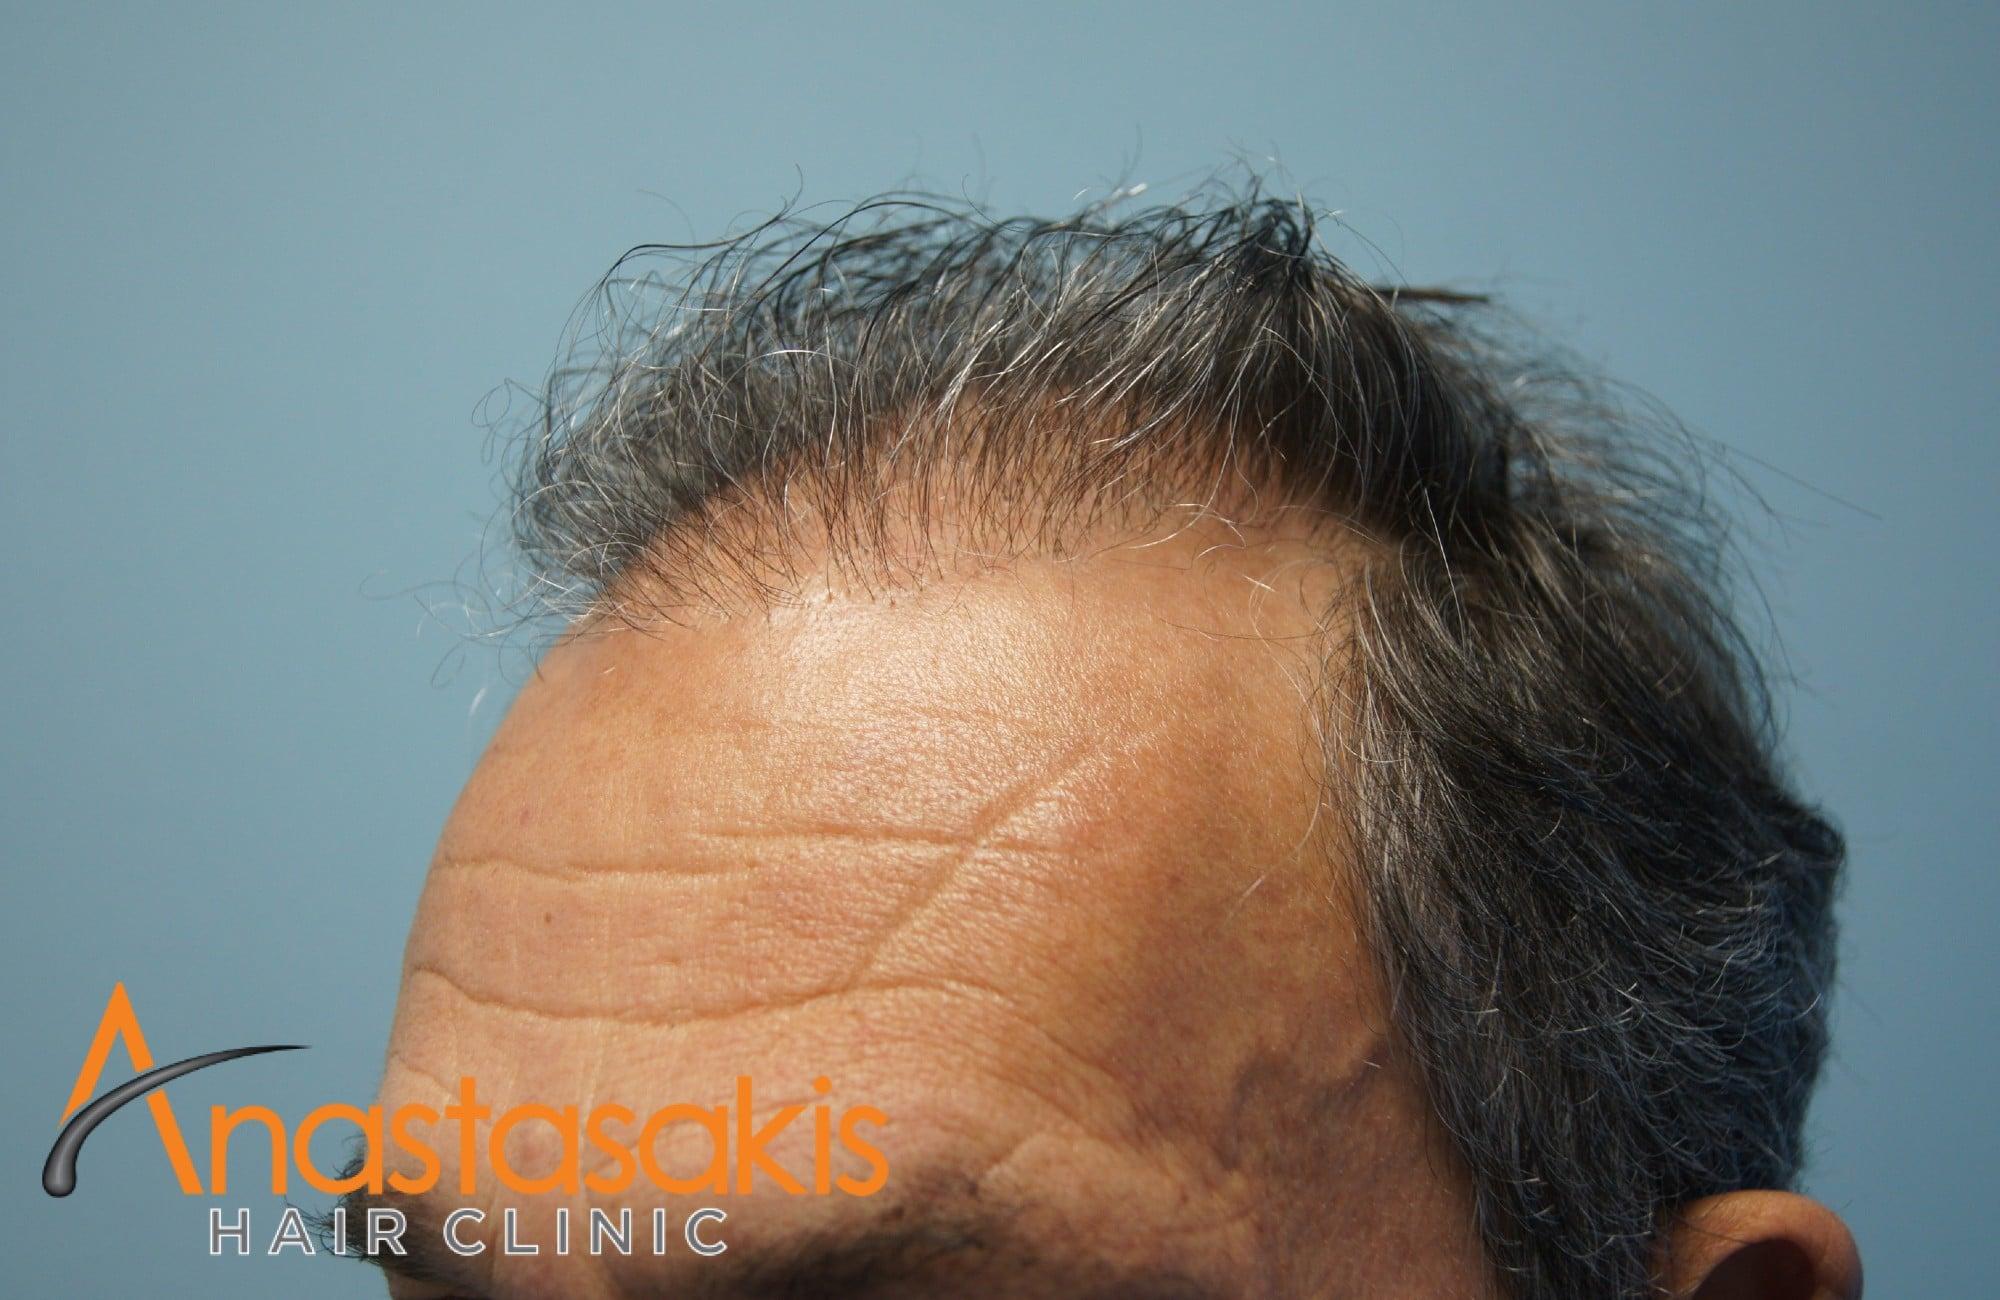 περιστατικο πριν τη μεταμοσχευση μαλλιων με 3964 fus - αριστερος κροταφος